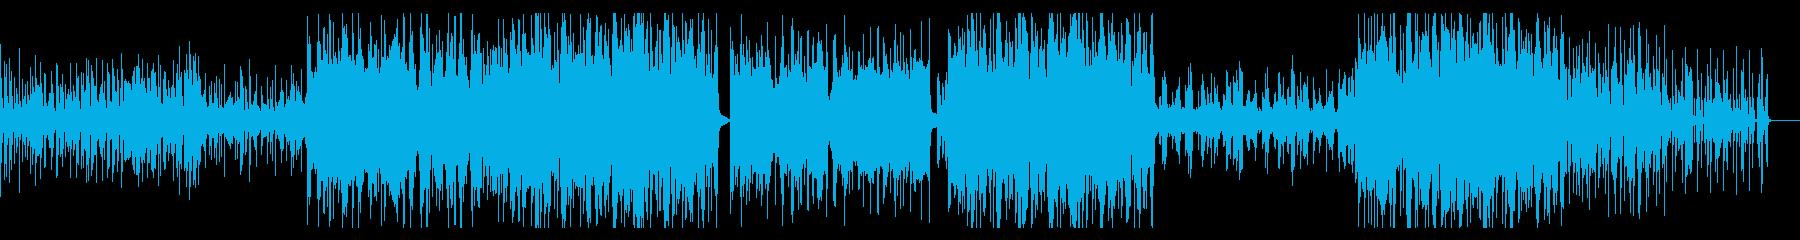 切ない感じの優しい曲の再生済みの波形